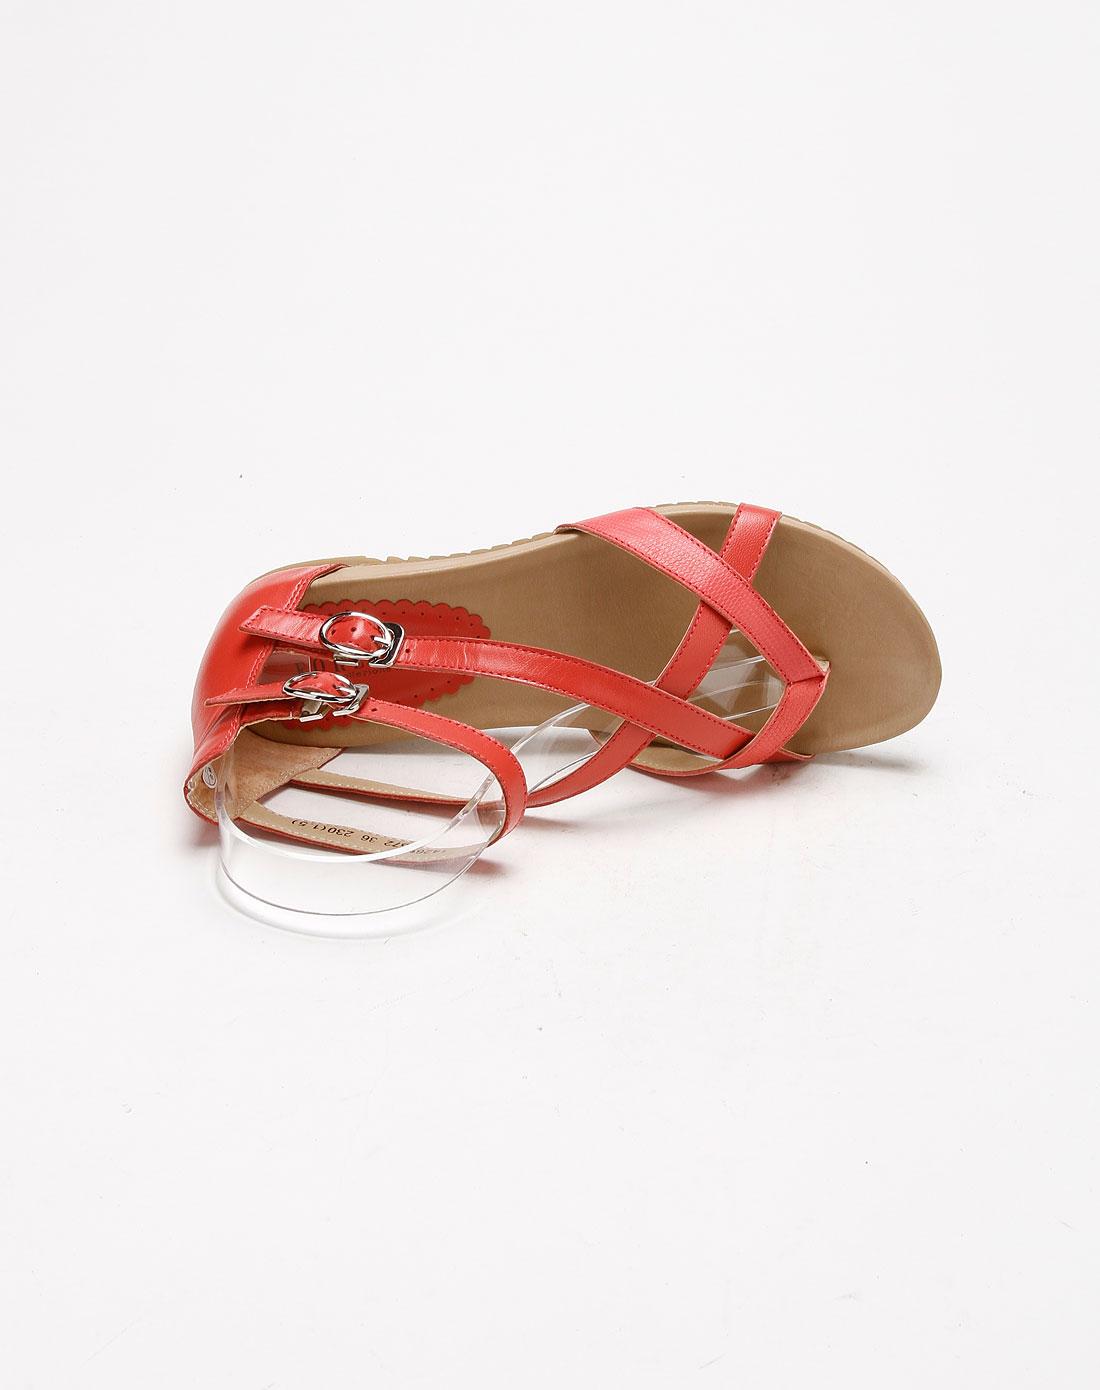 奥卡索 forleria 红色羊皮平跟女凉鞋